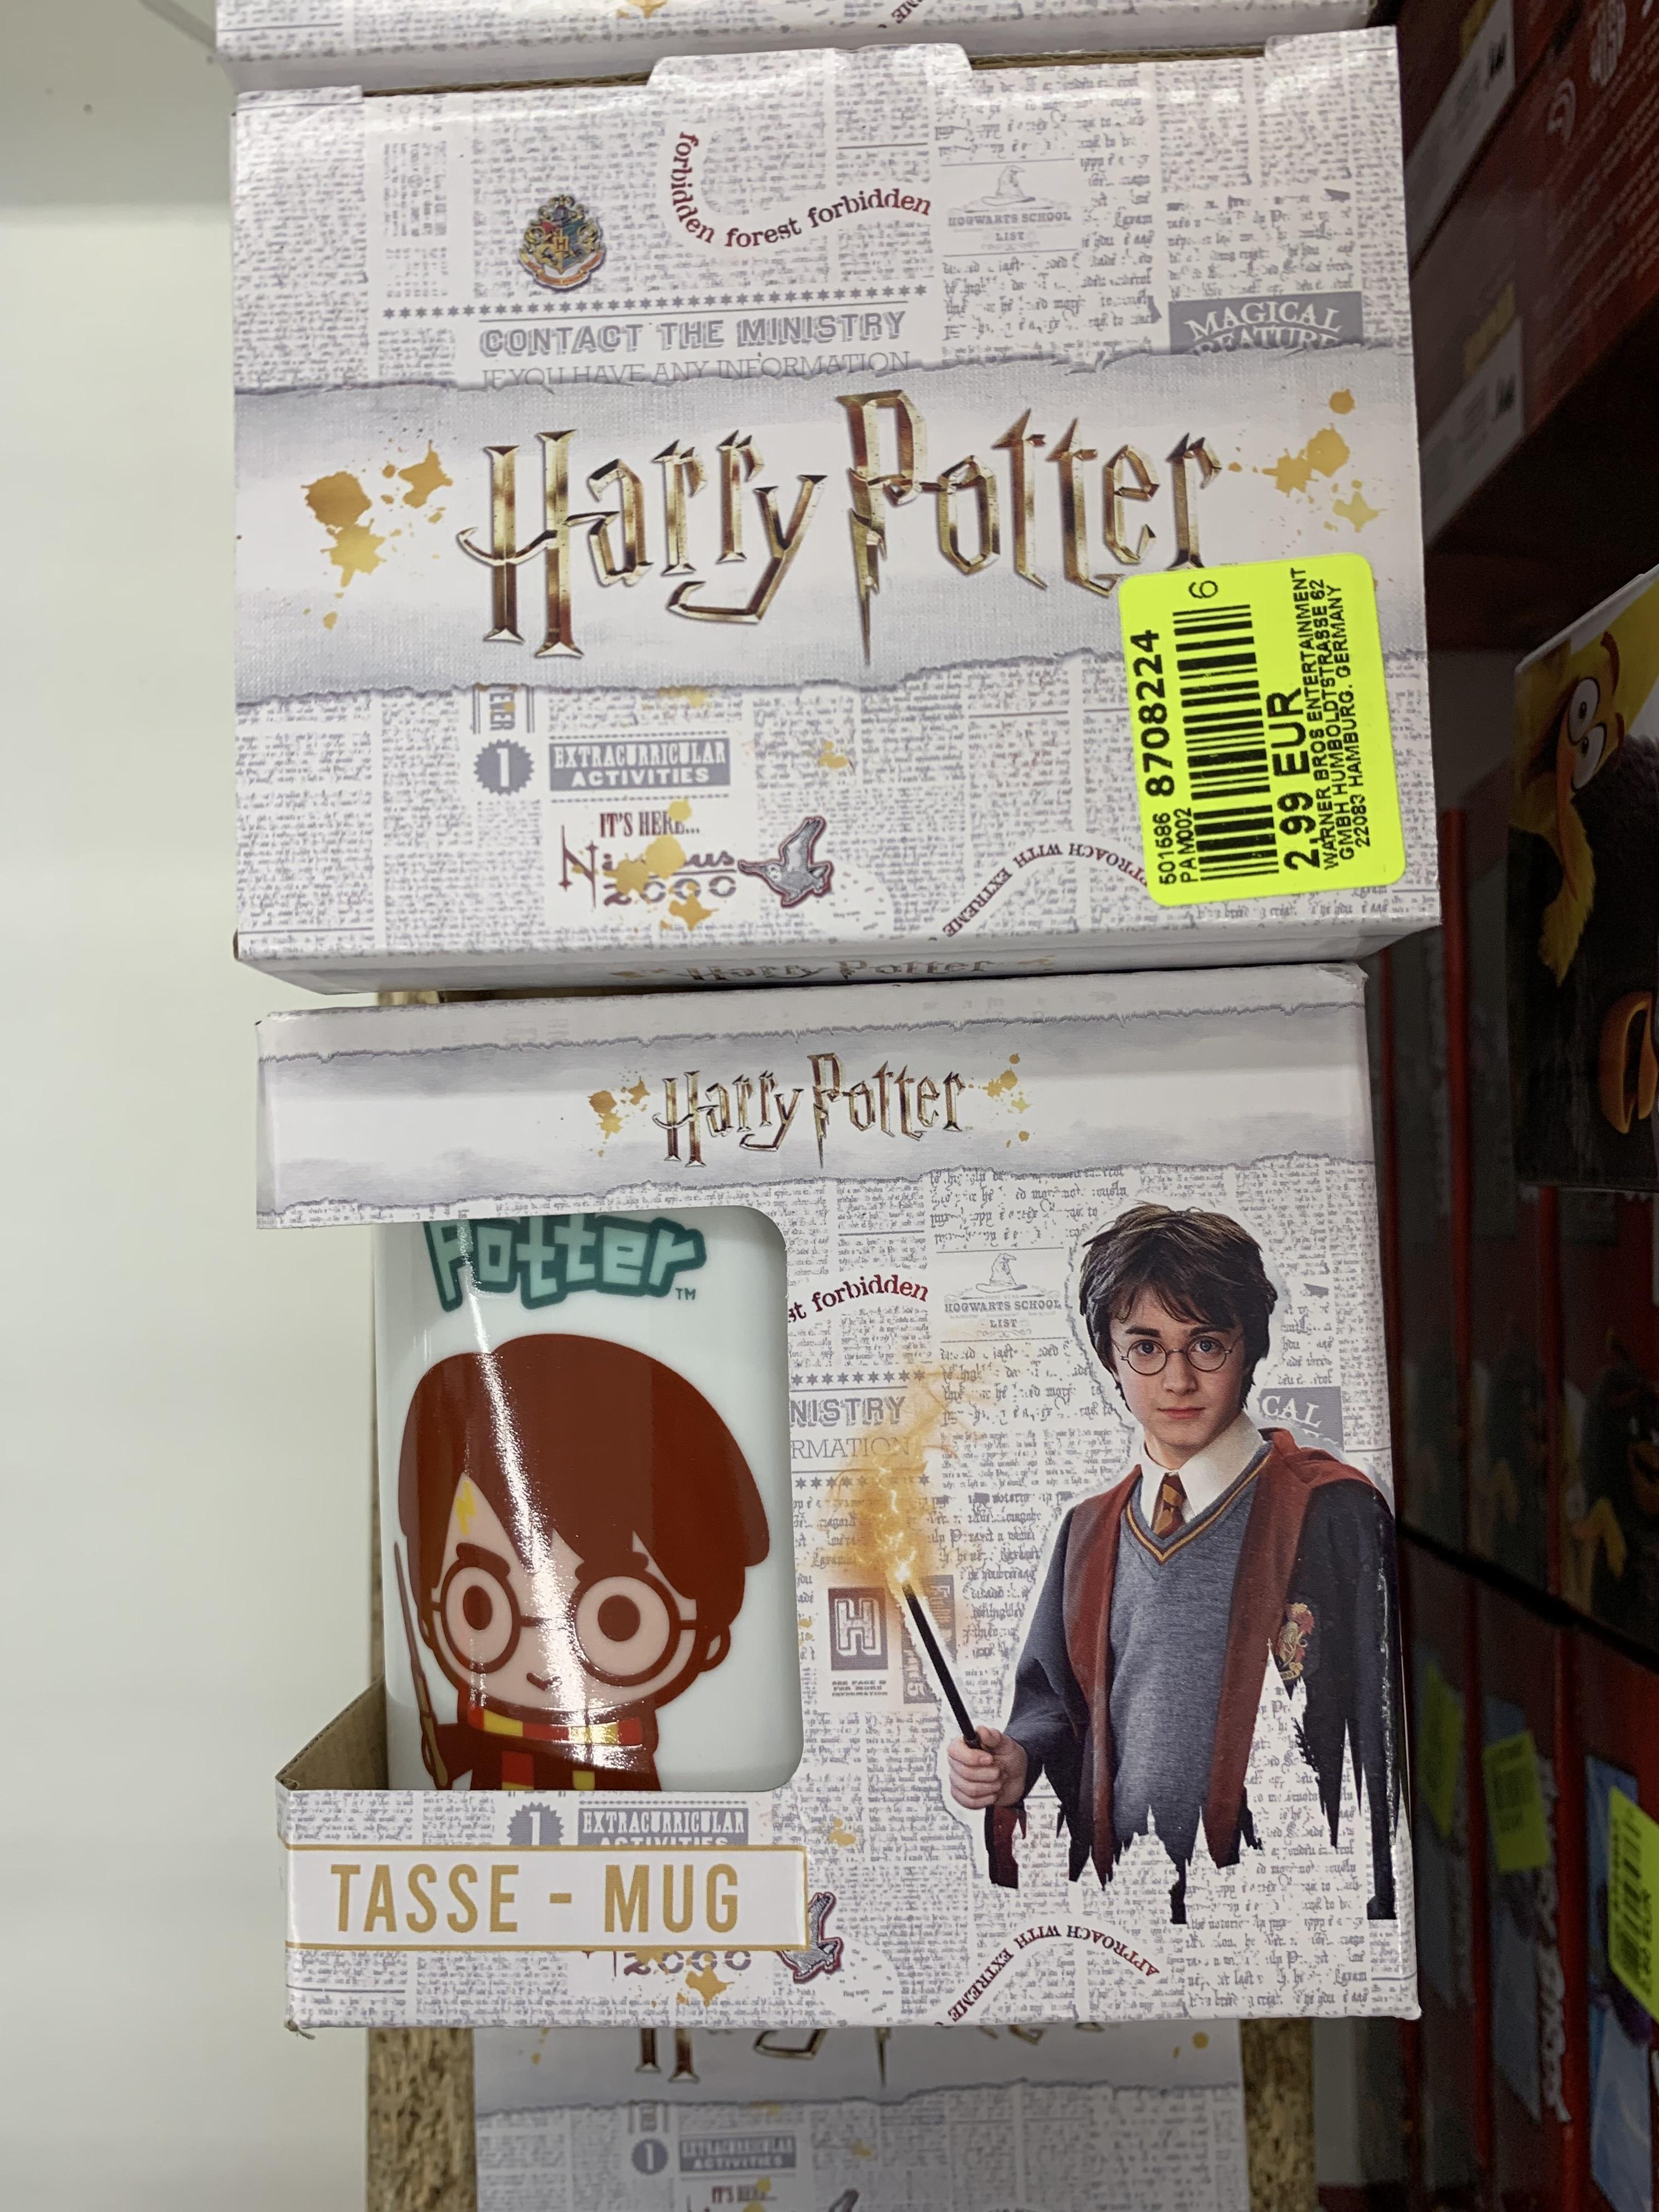 Mug Harry Potter - Neuves-Maisons (54)